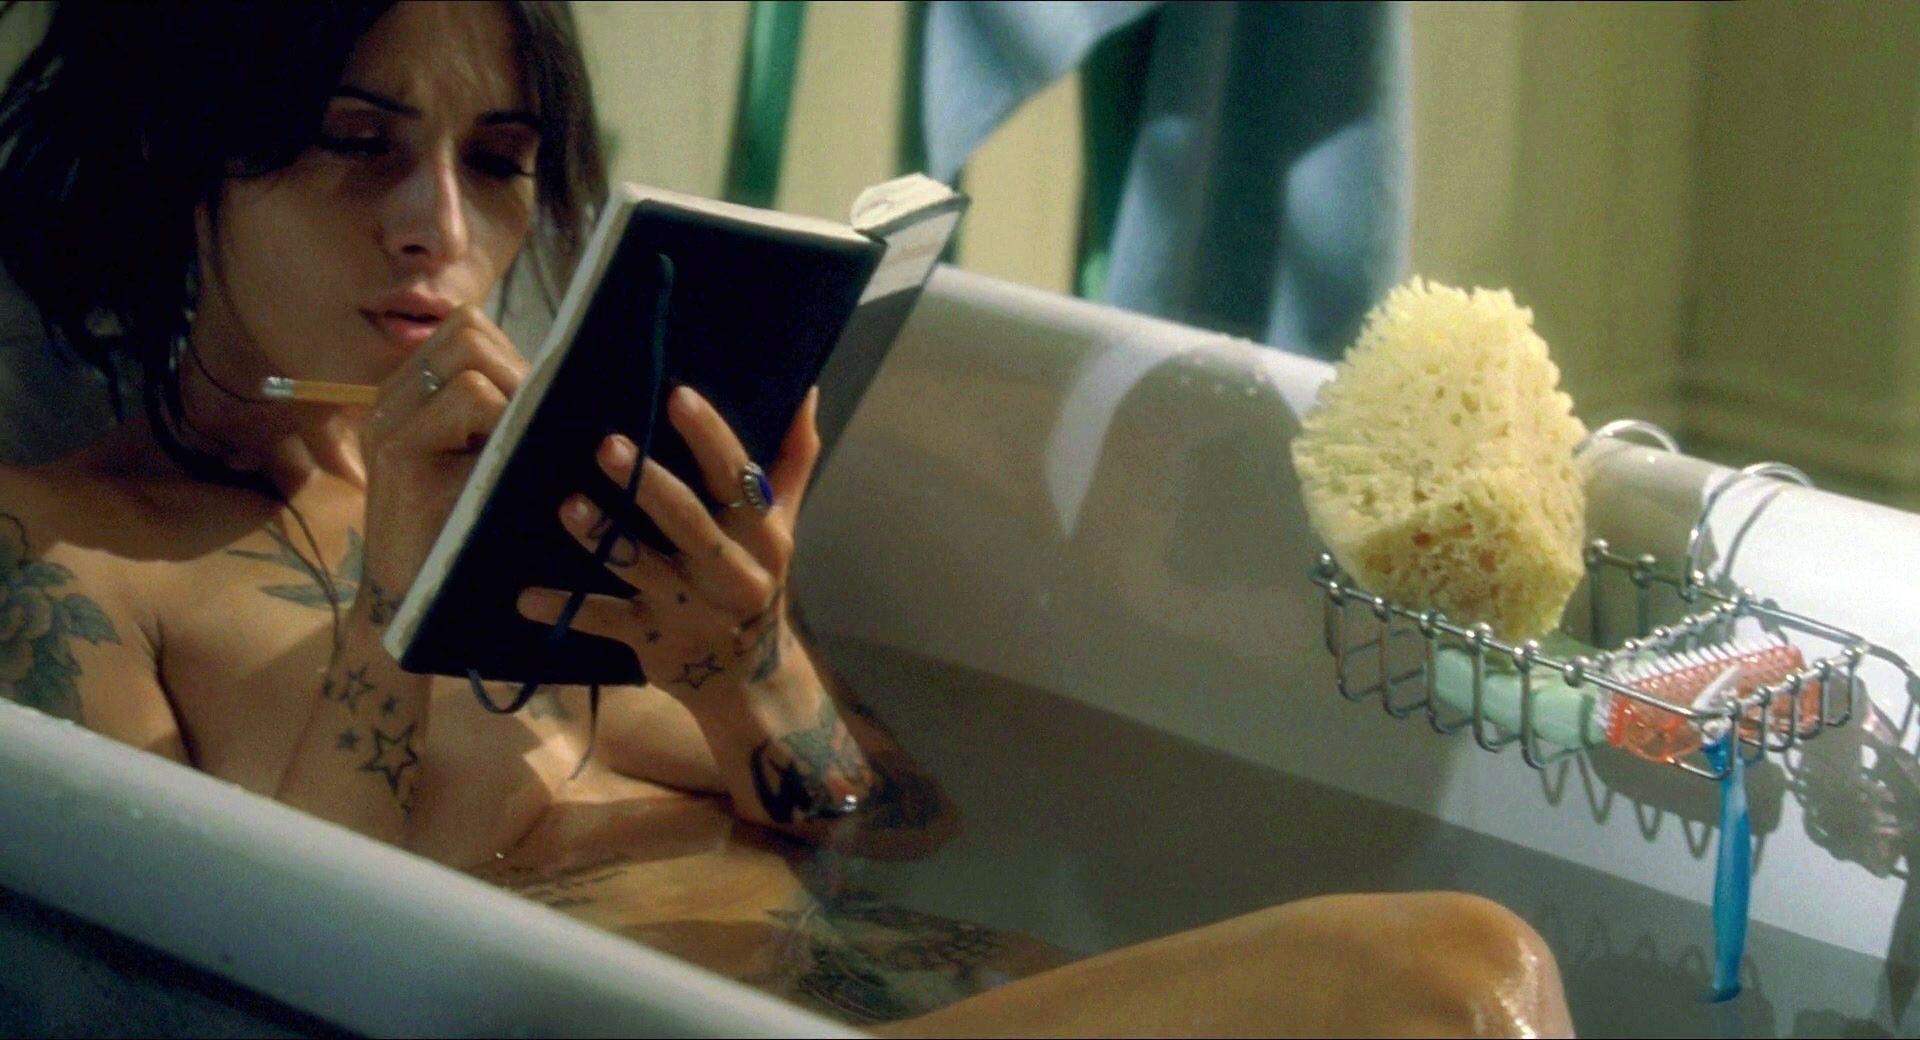 Sarah shahi nude scene